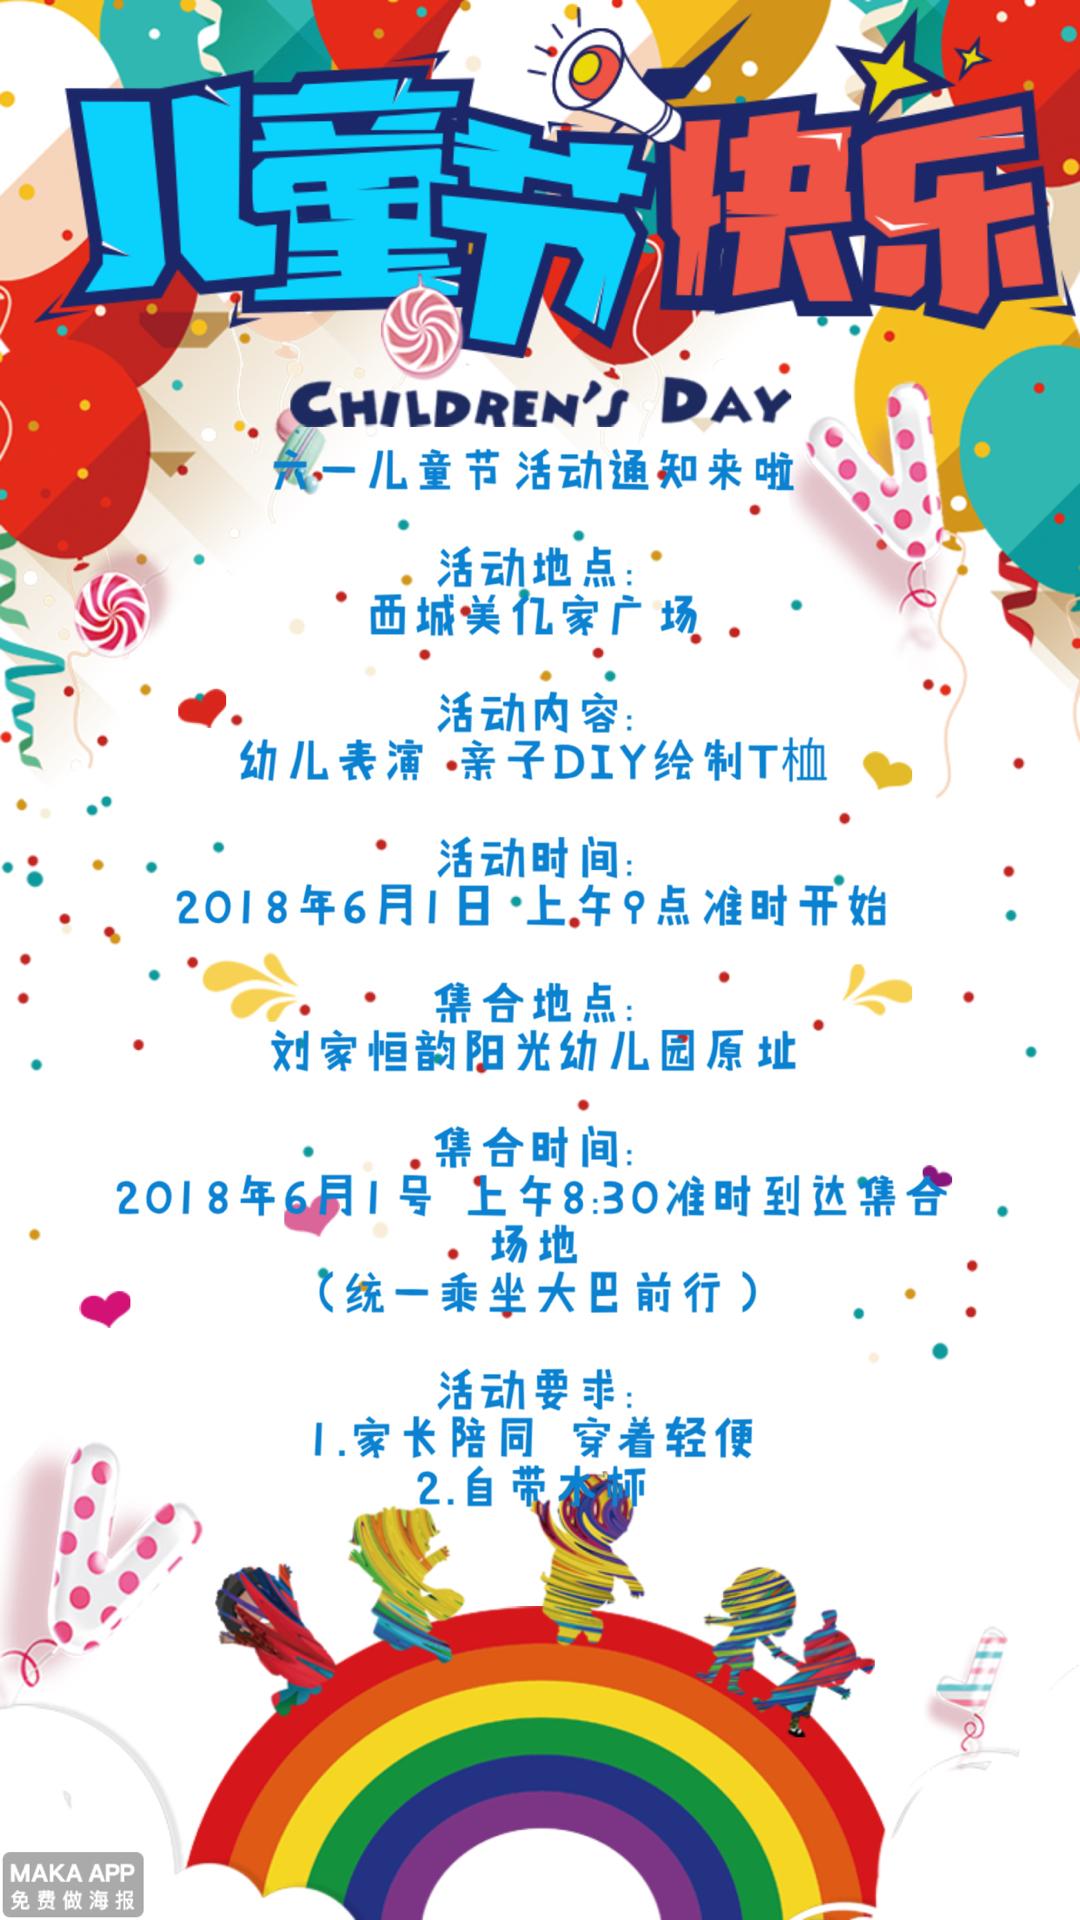 六一儿童节活动通知来啦 活动地点: 西城美亿家广场 活动内容: 幼儿